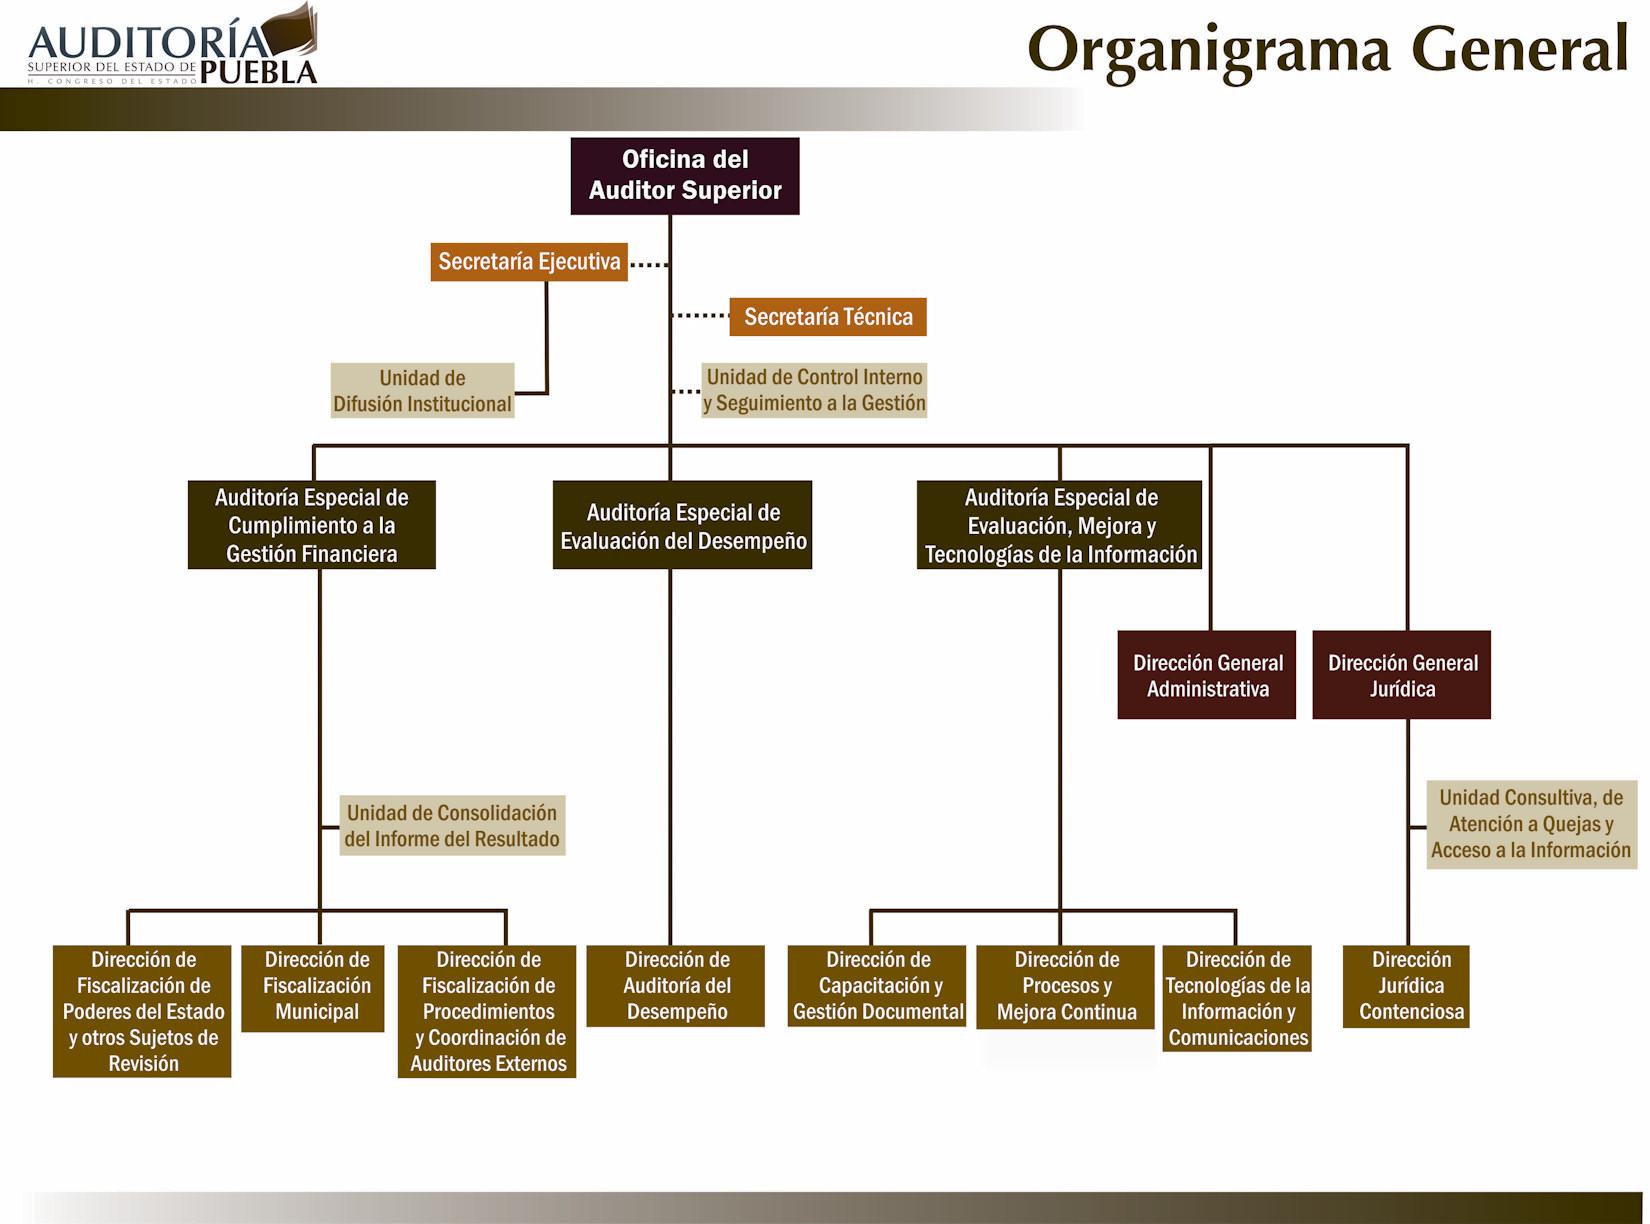 2 estructura org nica for Estructura organica del ministerio del interior